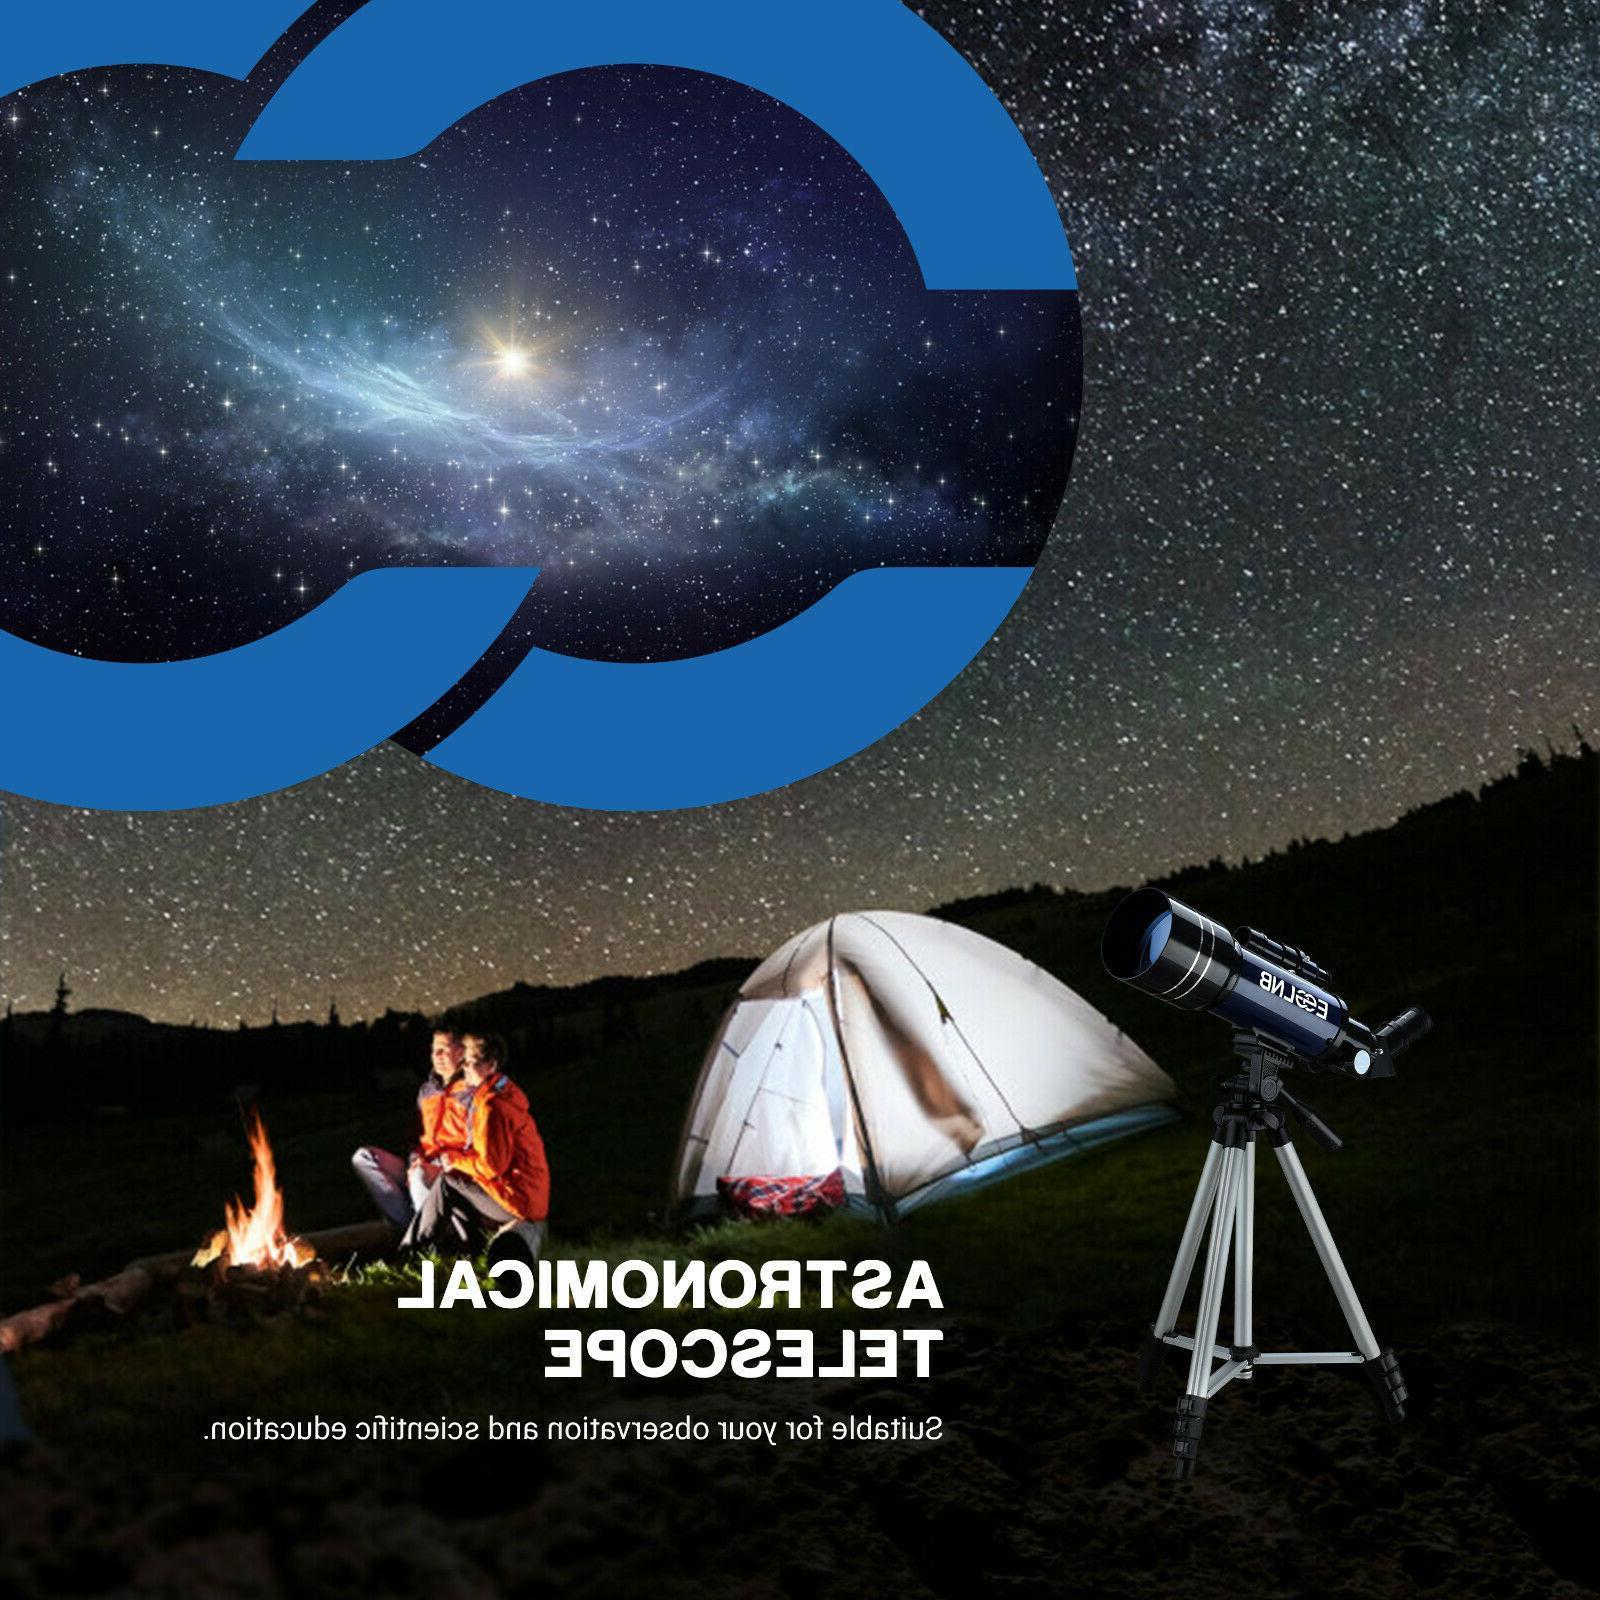 36070 Telescope High Astronomical Refractive Eyepiece Space